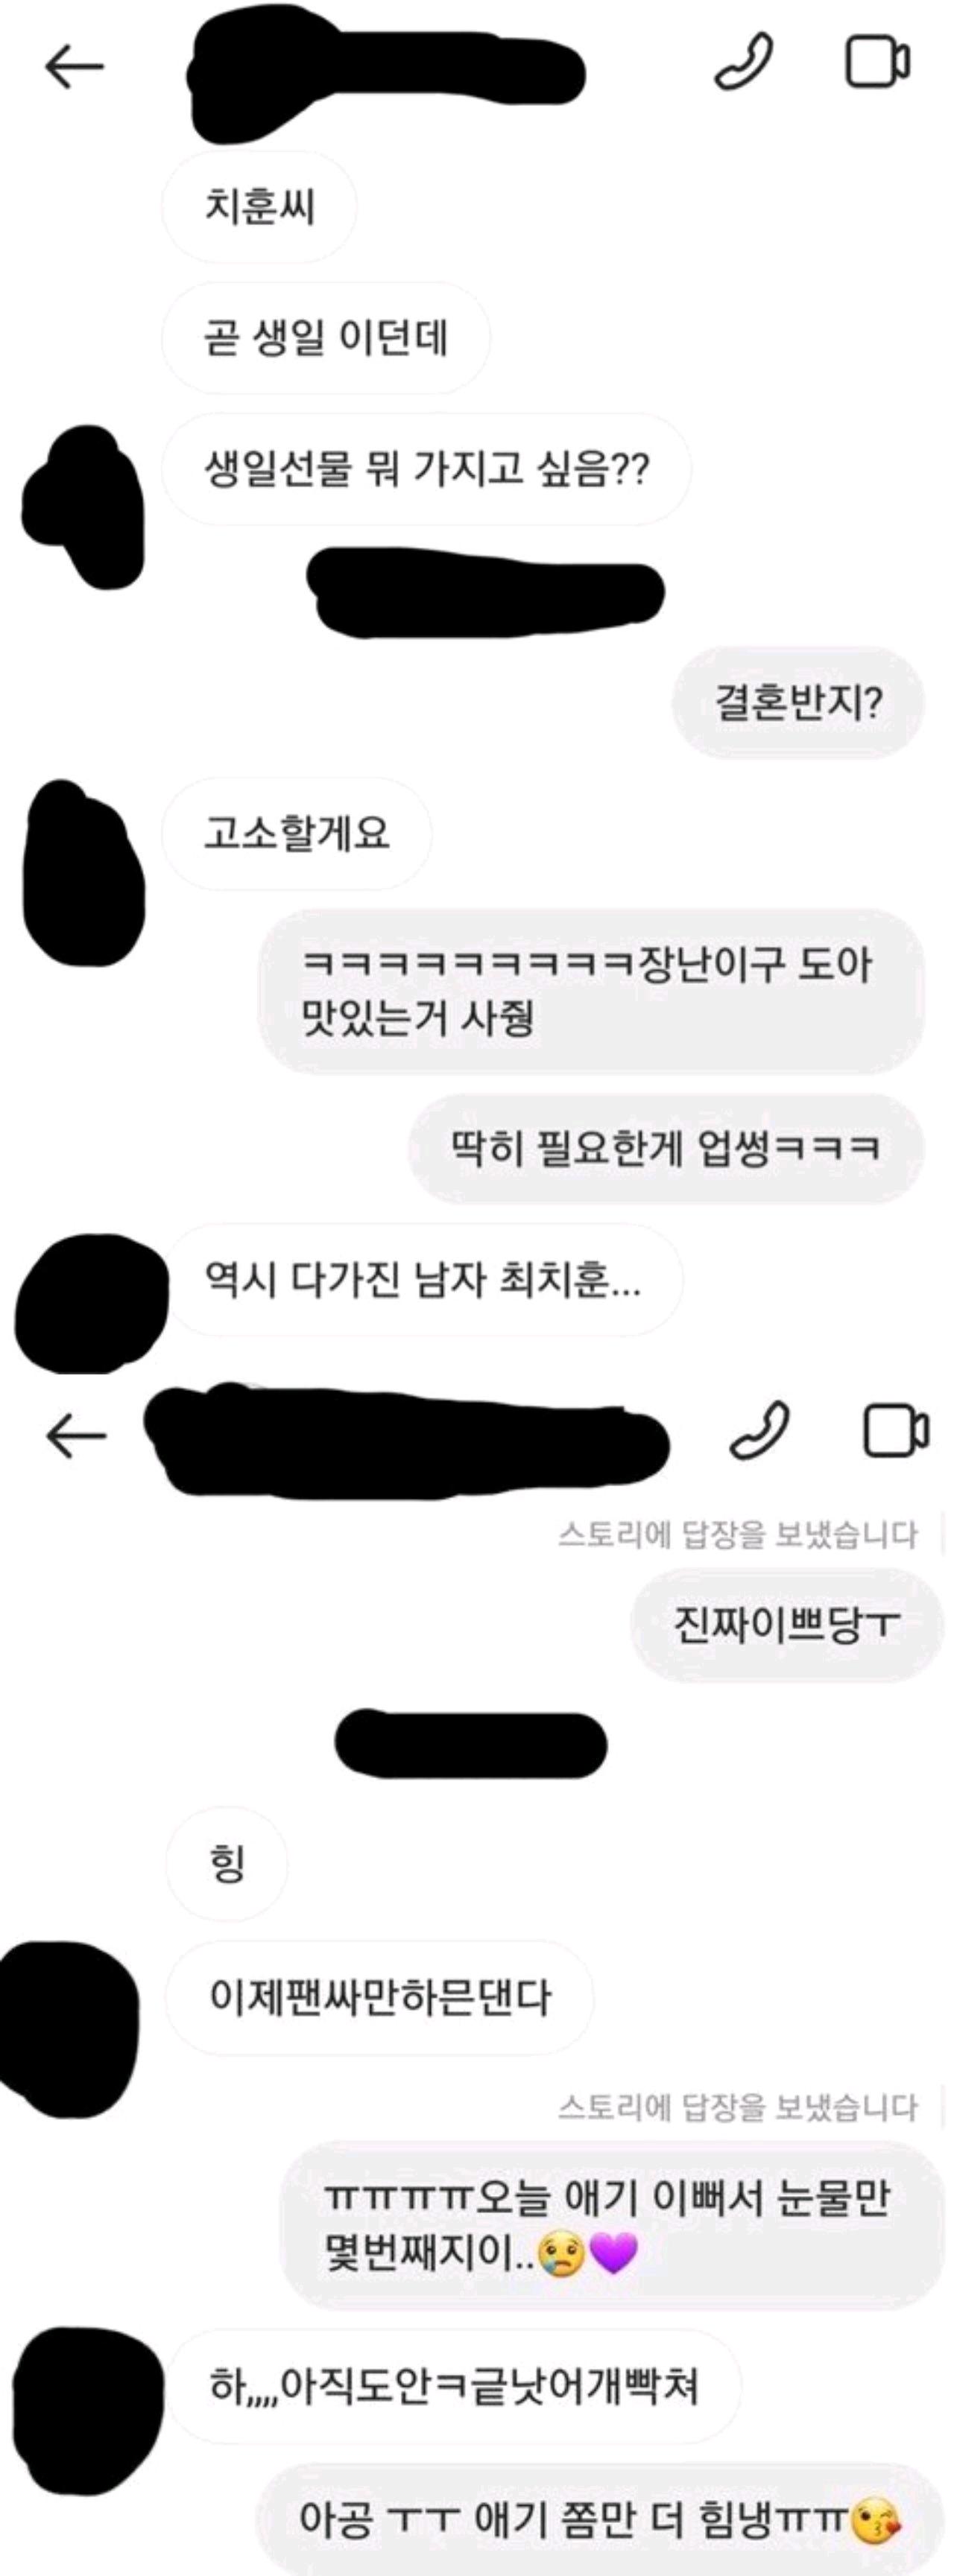 韩版偶像失格!新男团TO1集体塌房,和女团恋爱求亲亲扔粉丝礼物